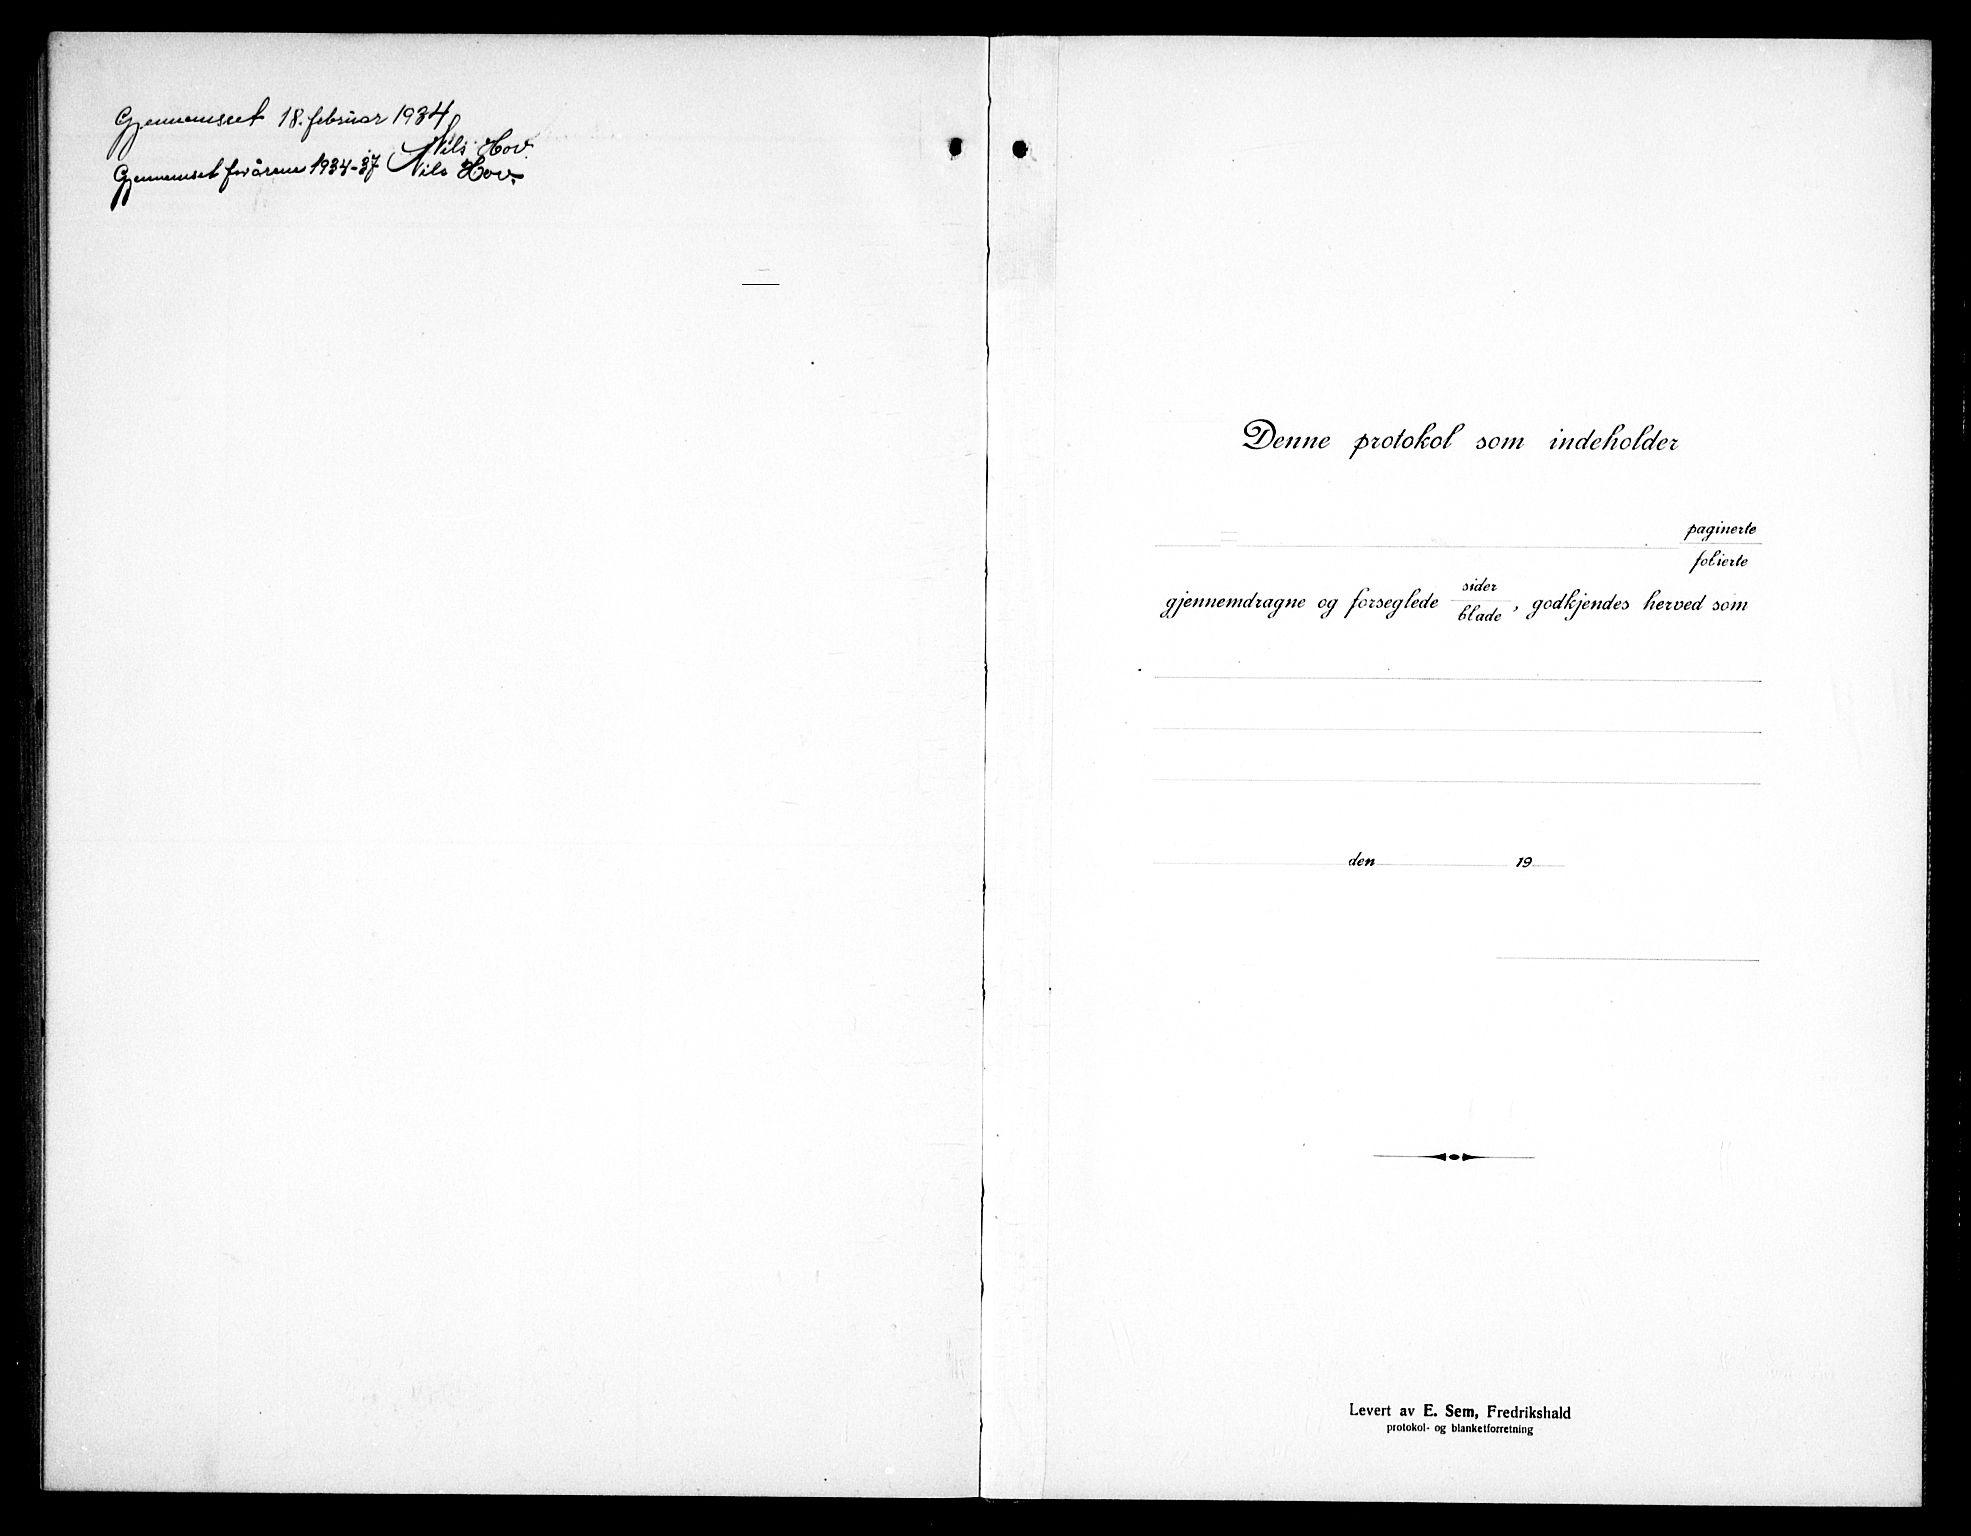 SAT, Ministerialprotokoller, klokkerbøker og fødselsregistre - Sør-Trøndelag, 656/L0696: Klokkerbok nr. 656C02, 1921-1937